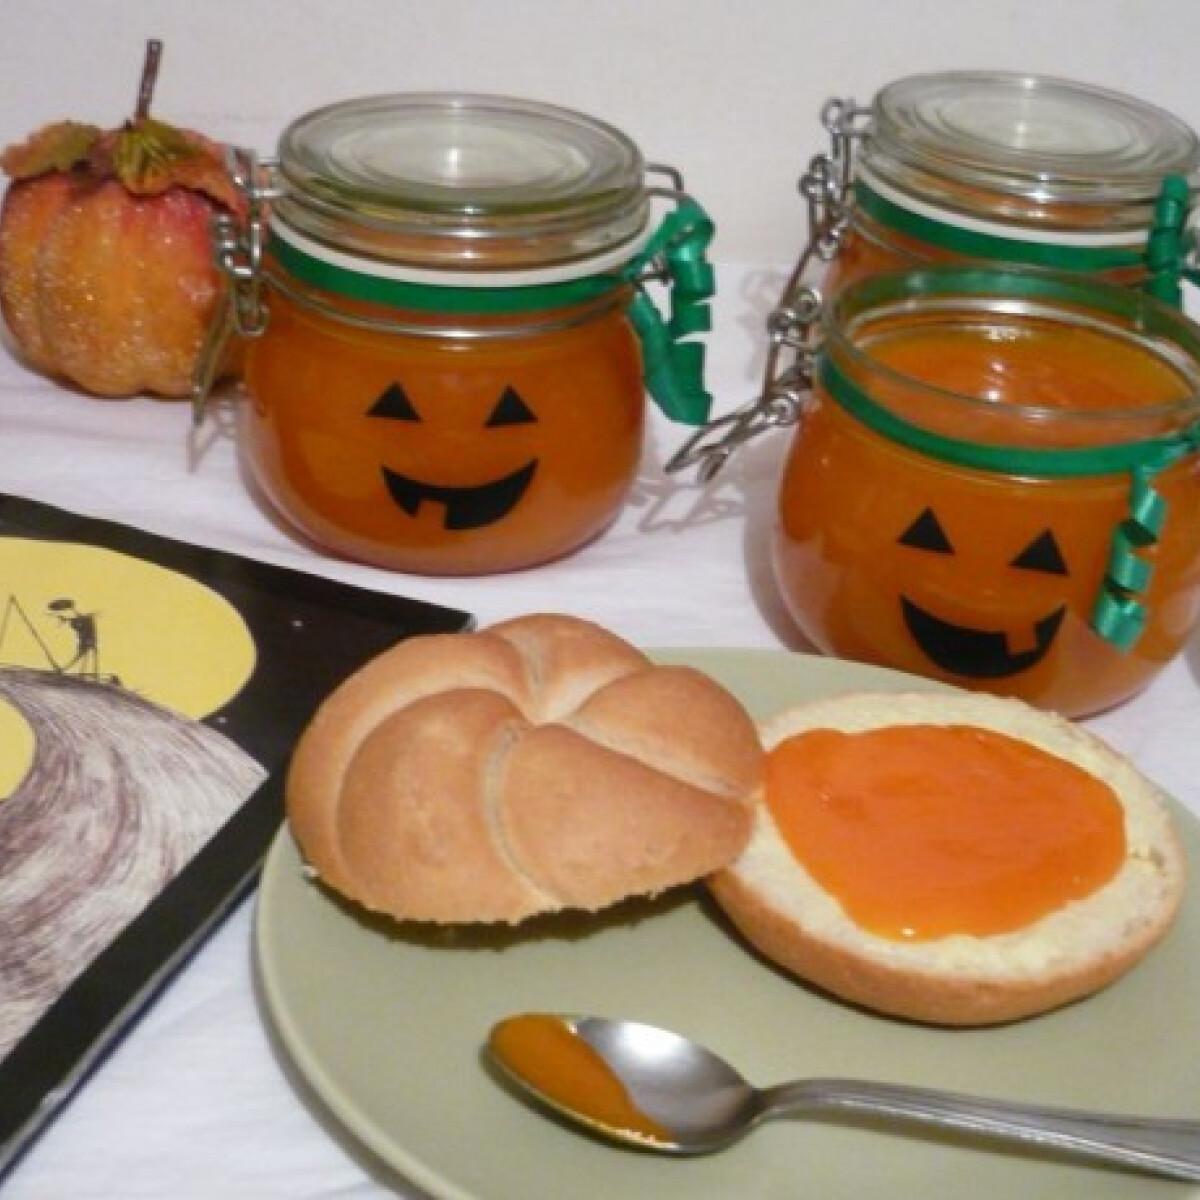 Ezen a képen: Narancsos sütőtöklekvár KönyvParfétól